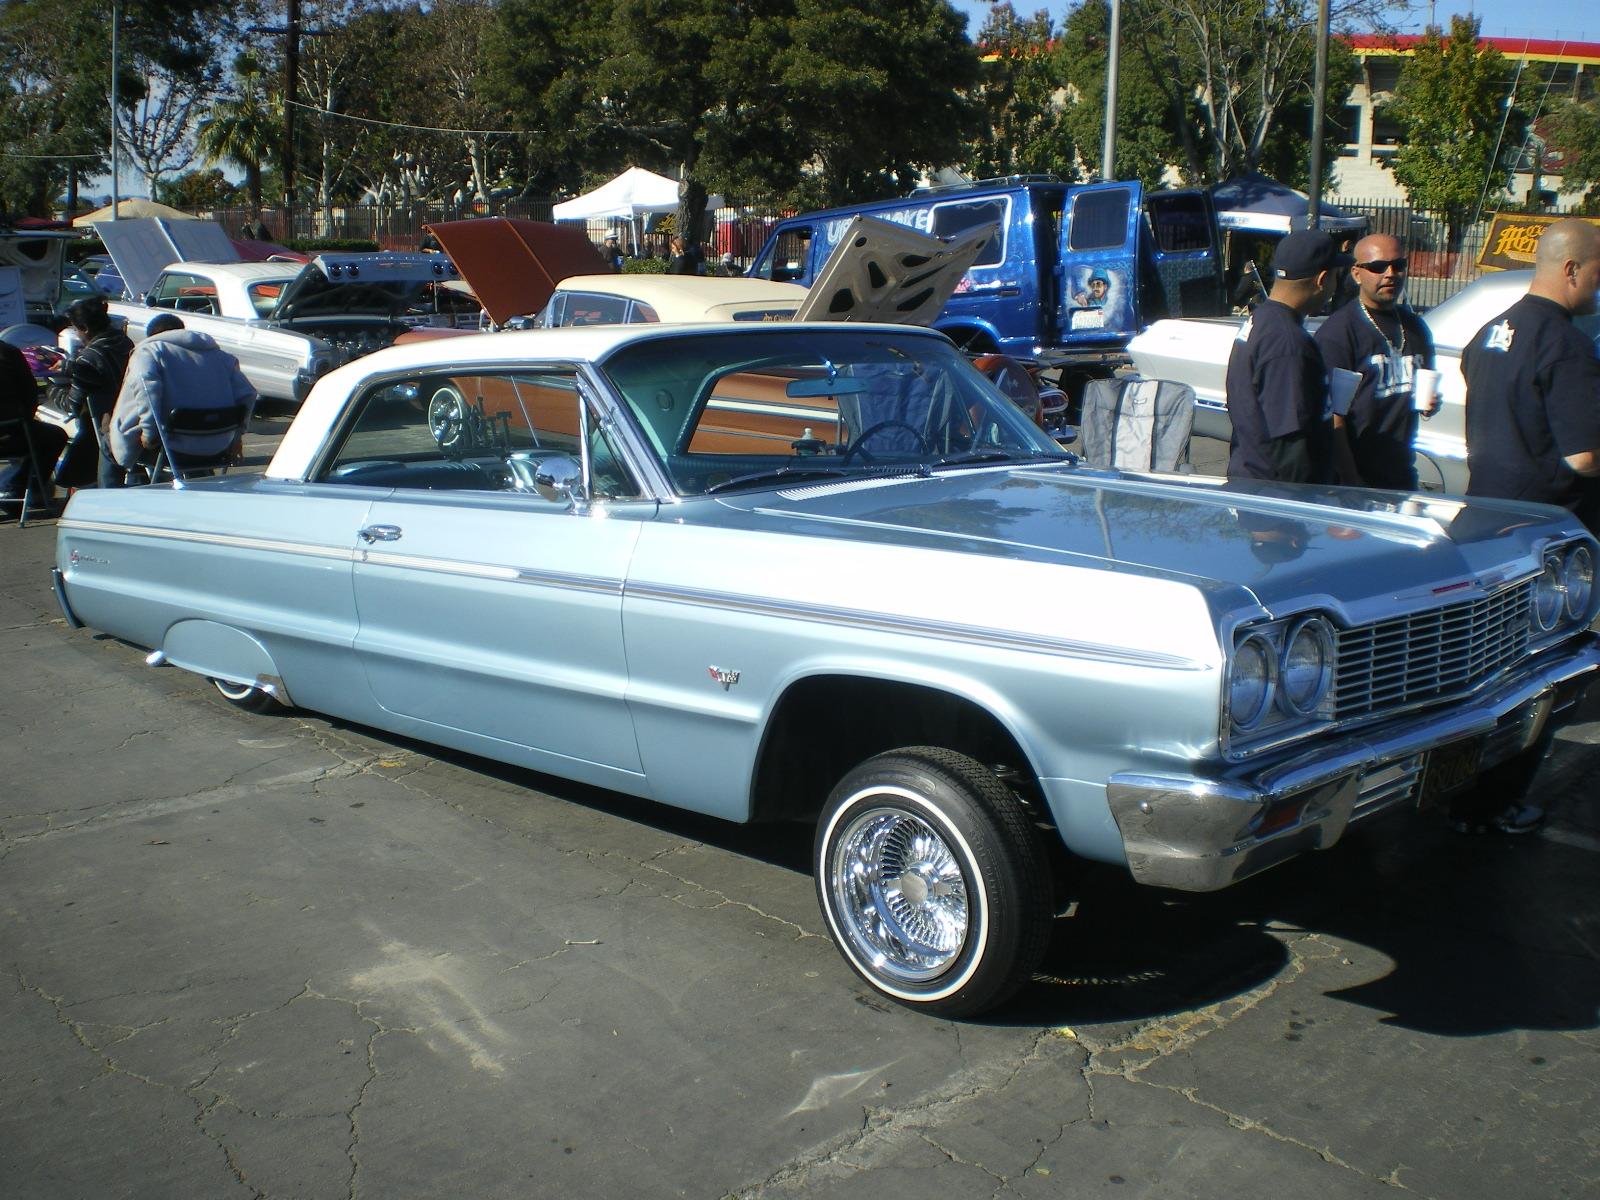 Honda Awd Sedan >> wallpaper: Impala 64 Wallpaper